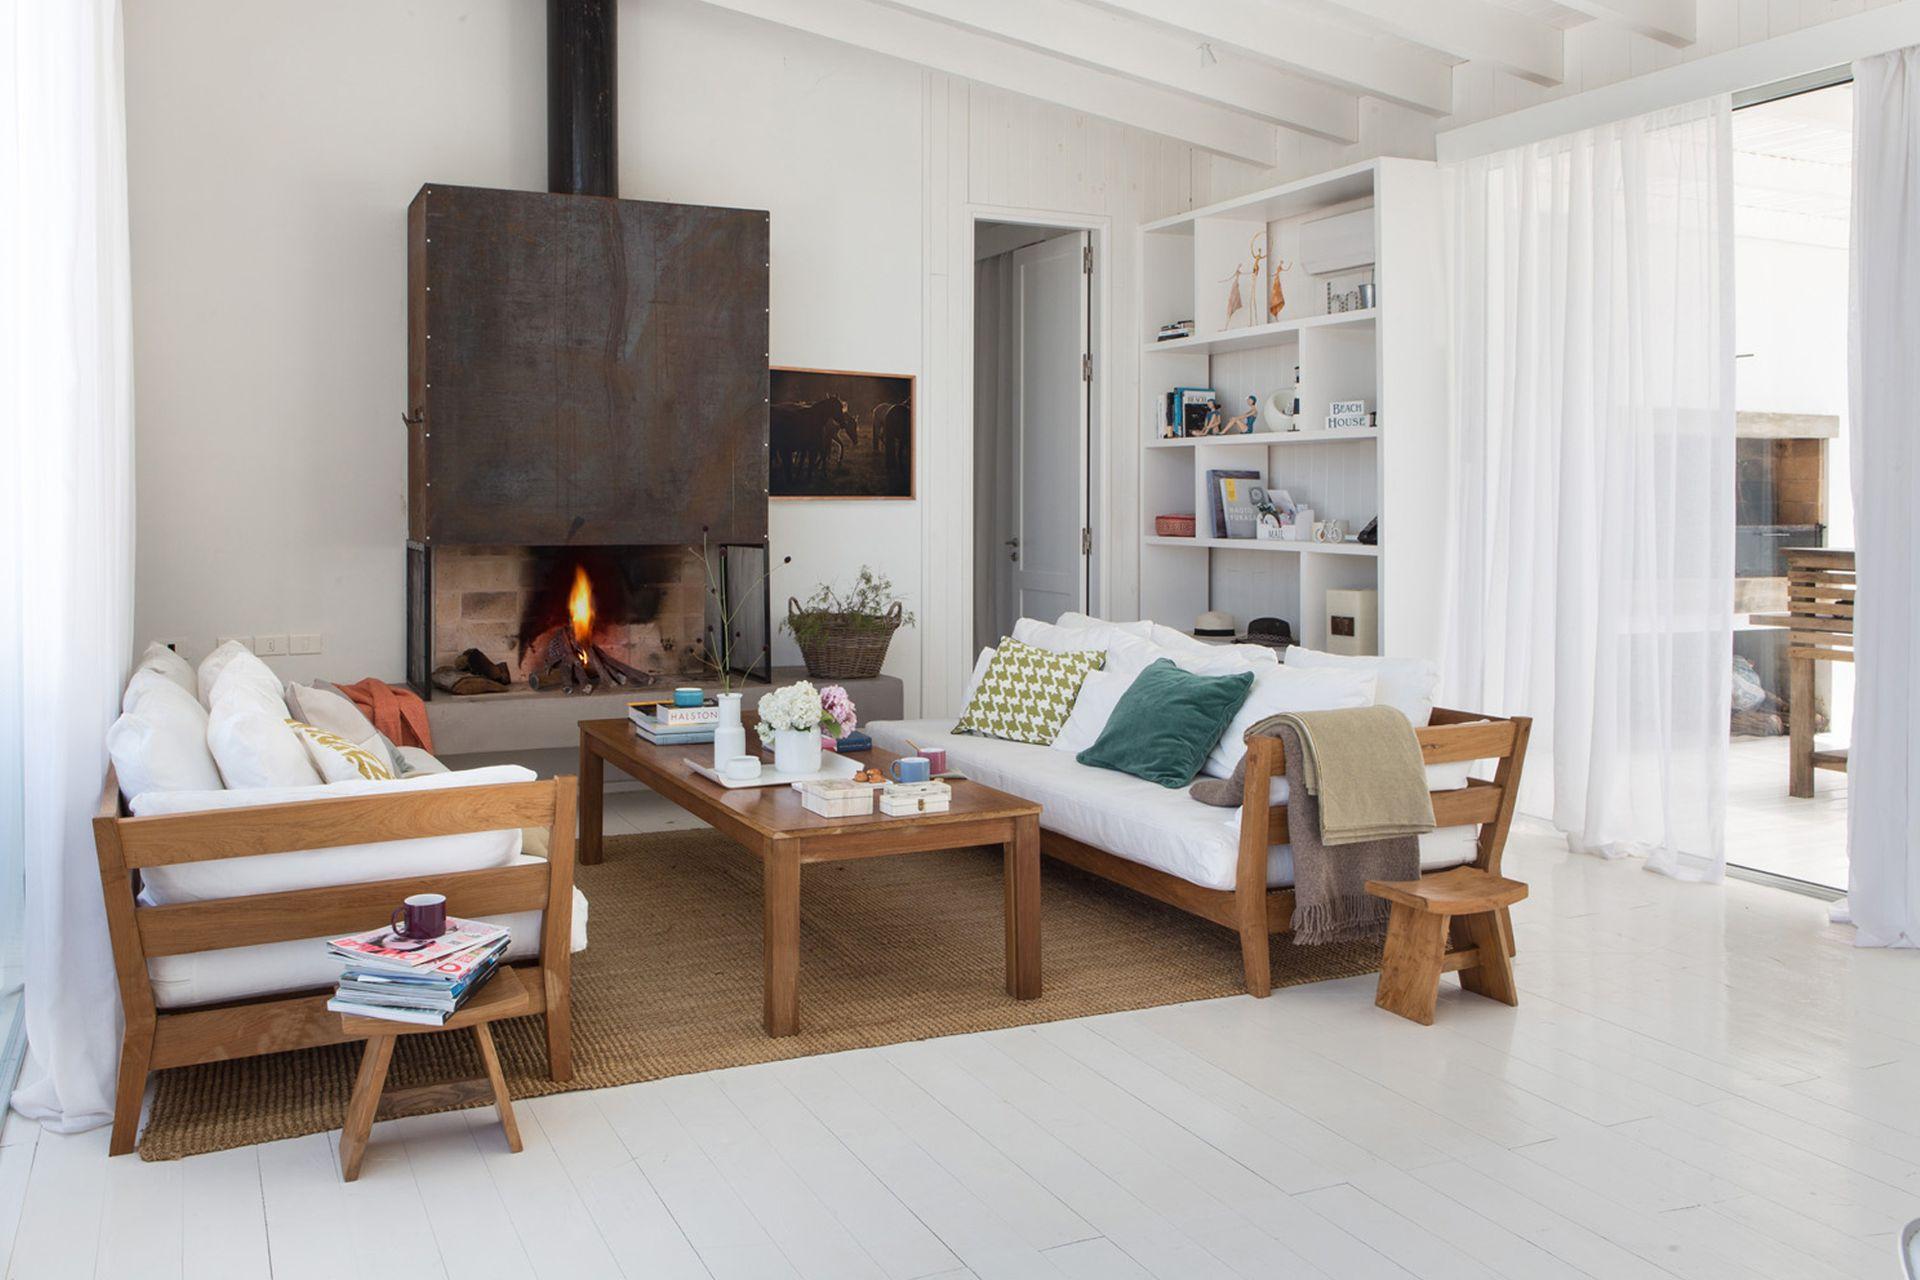 La construcción de madera contempló paredes de material, como la del hogar, que transfiere calor al baño, del otro lado.